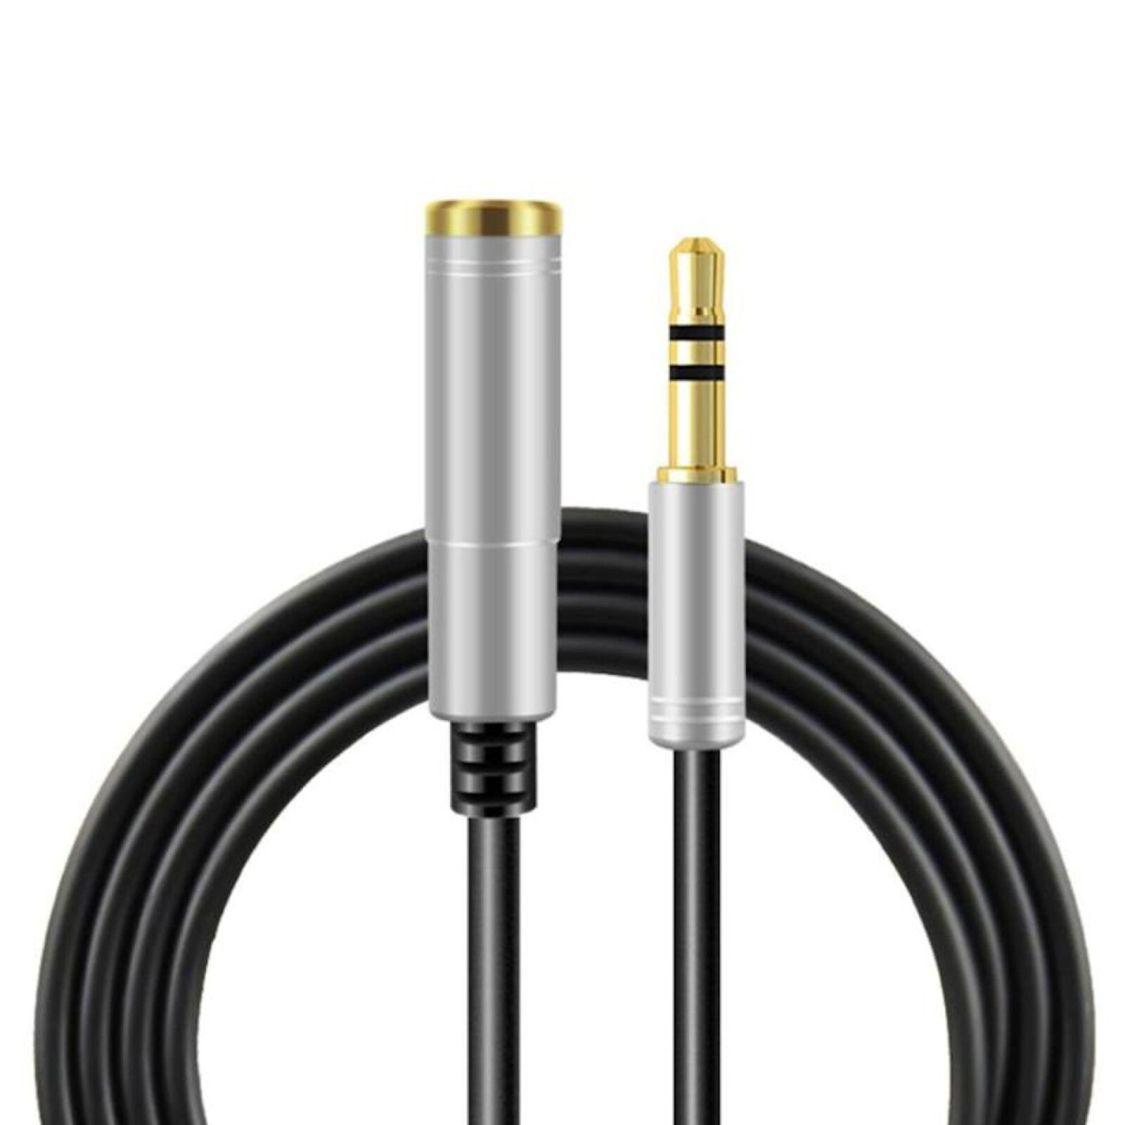 5m Audio Stereo Kopfhörer Verlängerungskabel 3,5mm Klinke Stecker > Buchse Silbe